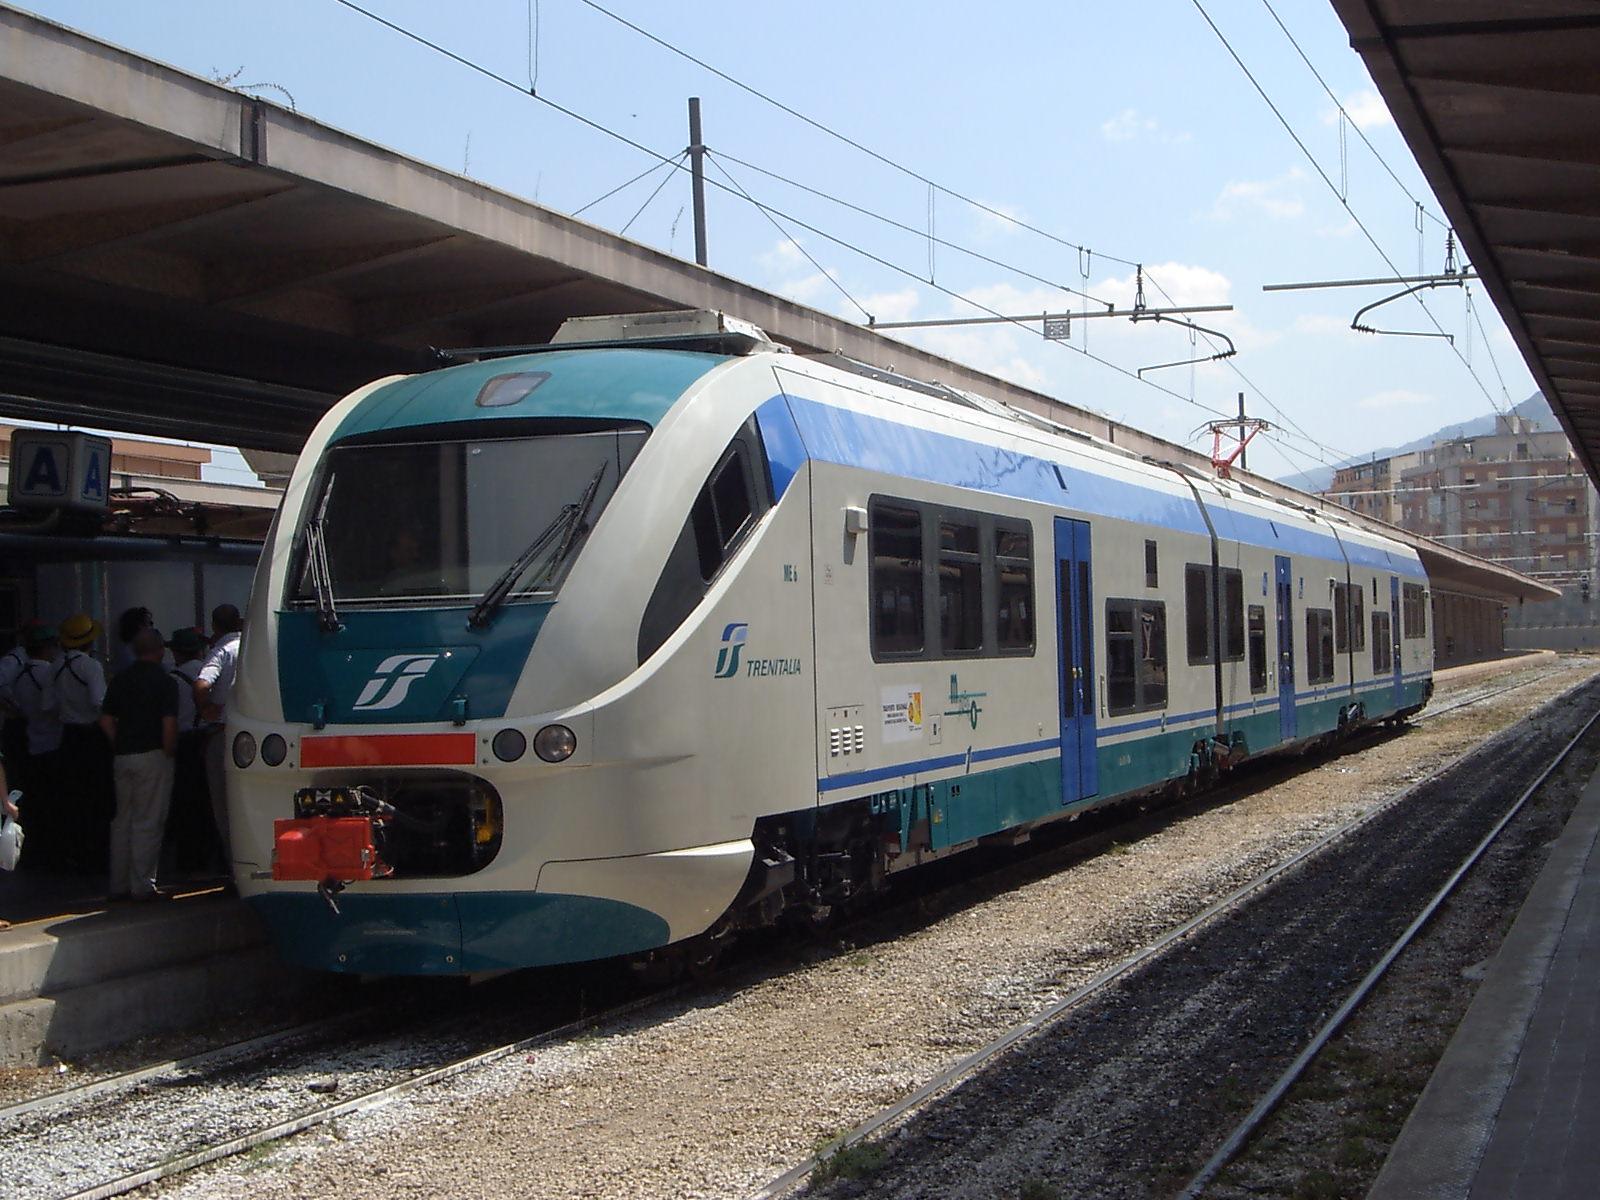 Contratto Trenitalia. Accolte proposte M5S  Nuovi vagoni, più corse, bici gratis sui treni e nuove biglietterie